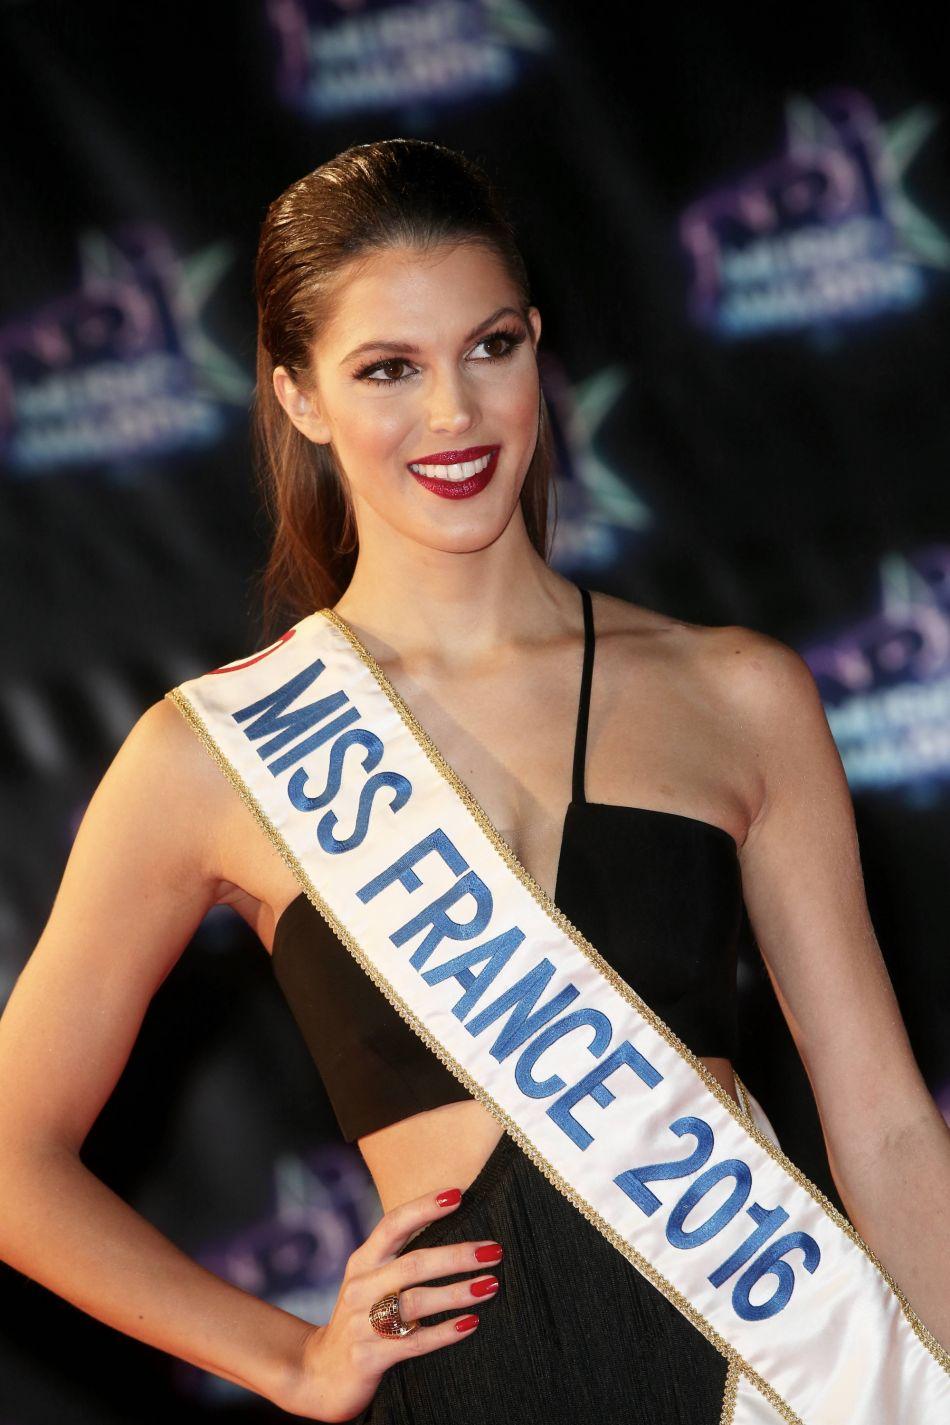 Trente jeunes femmes prétendent au titre de Miss France 2017.